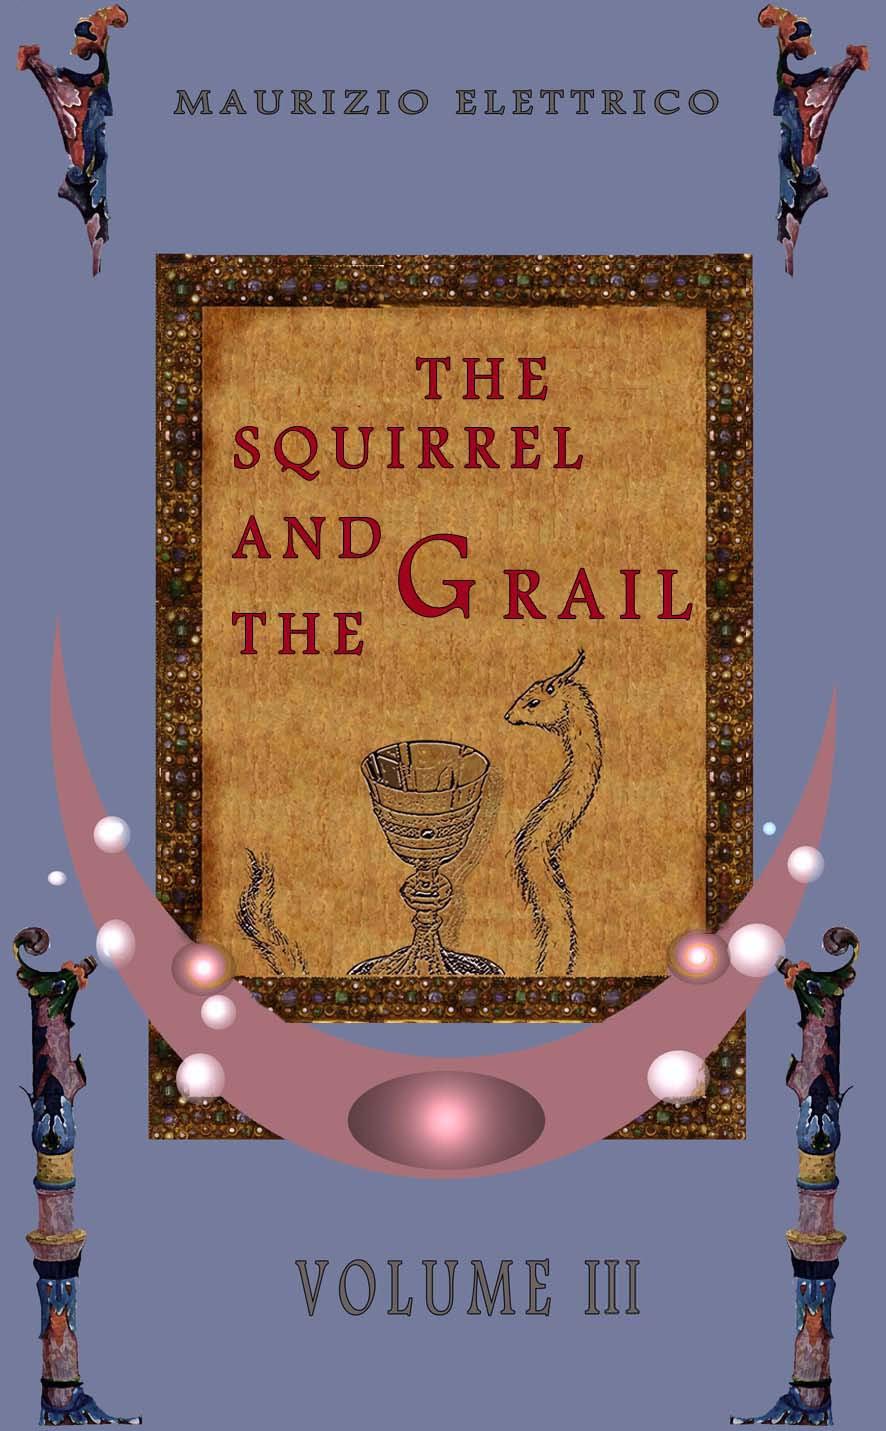 The squirrel and the Grail,  Maurizio Elettrico, saghe, epic fantasy, erotic fantasy